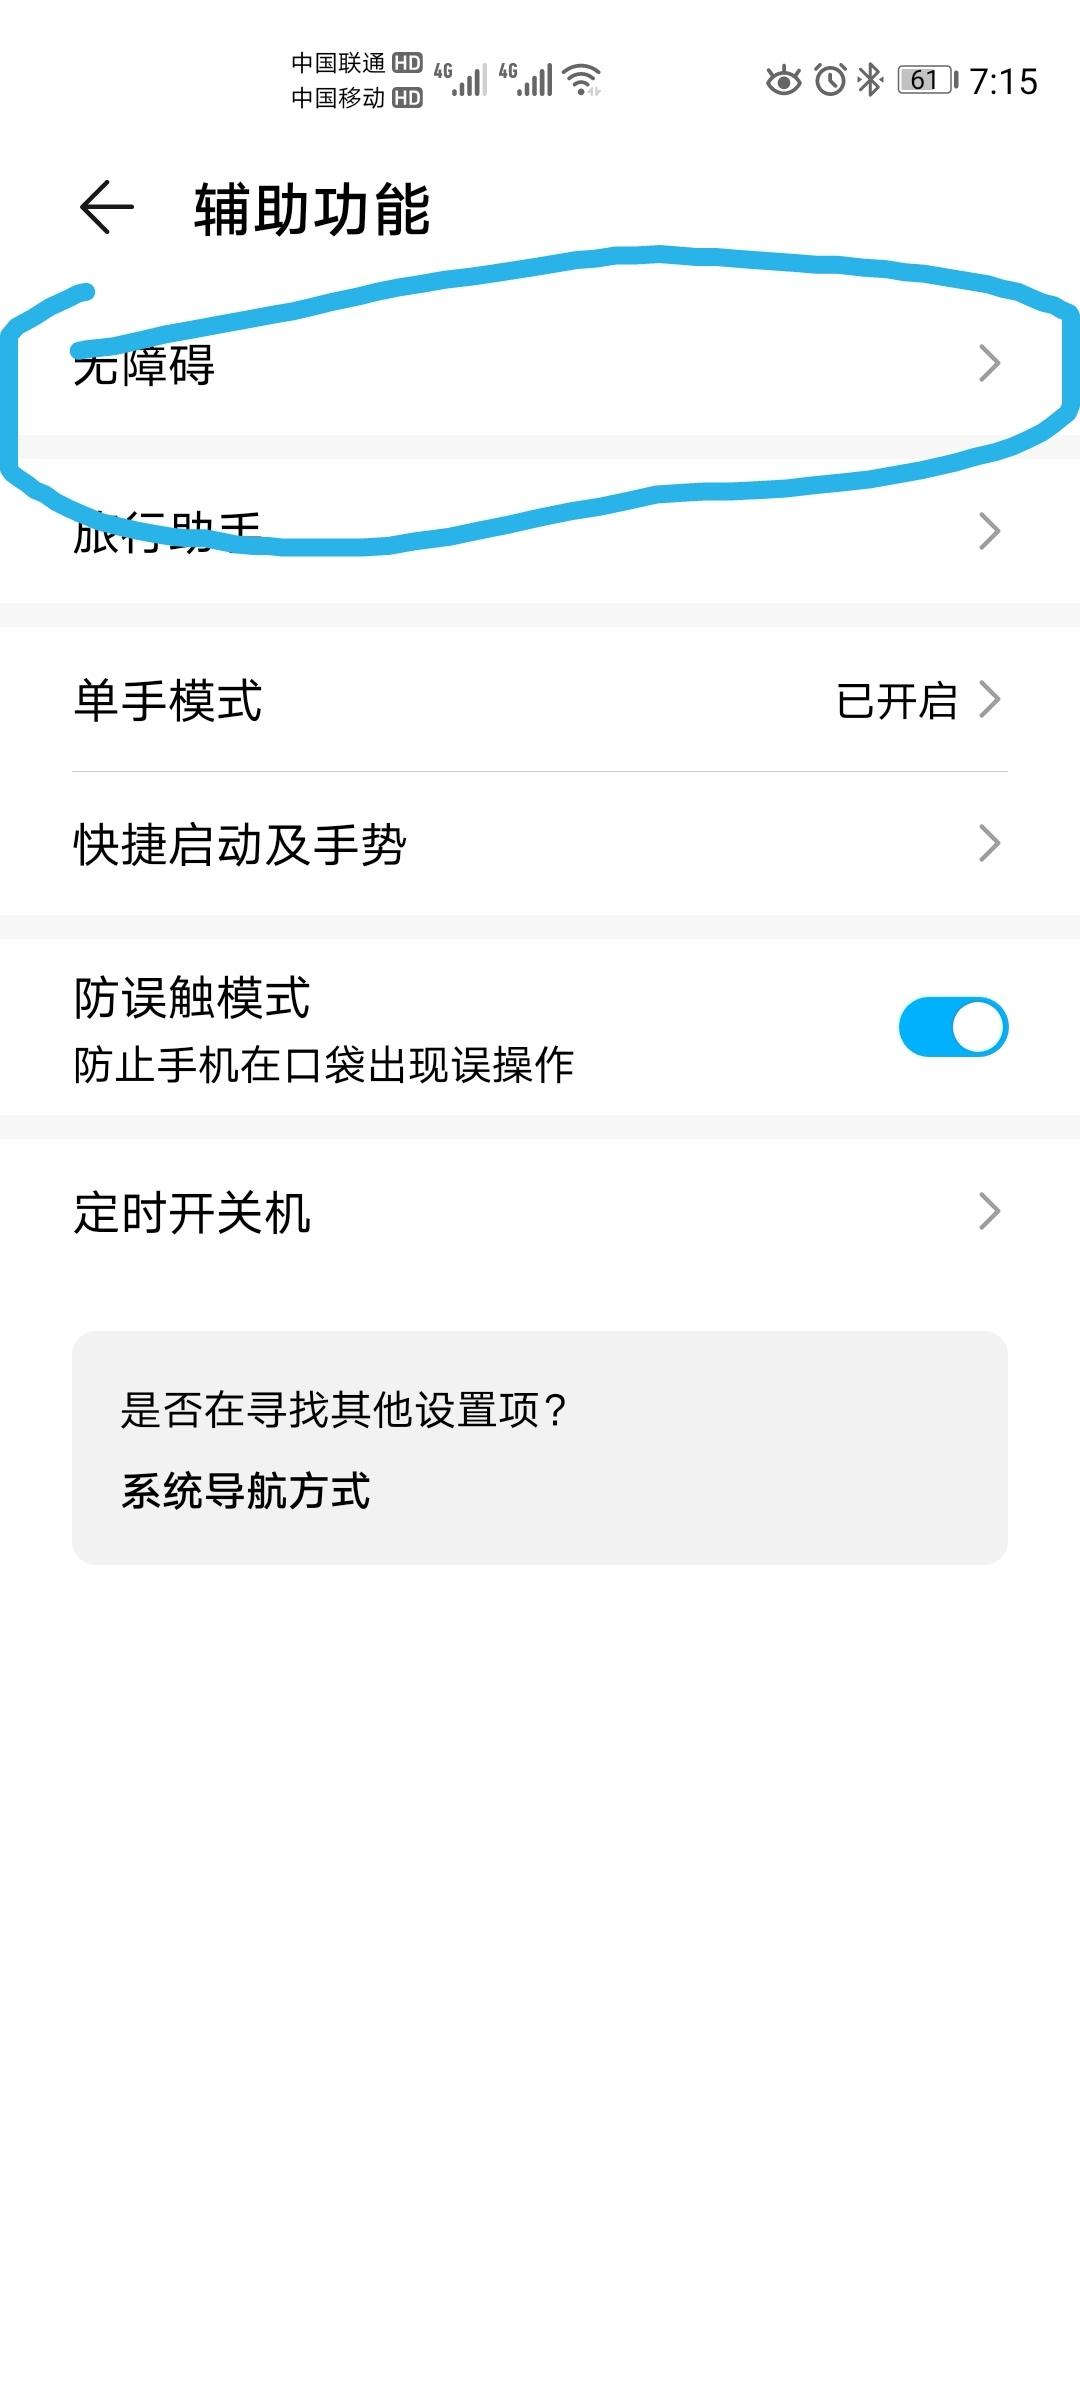 Screenshot_20200515_071615.jpg